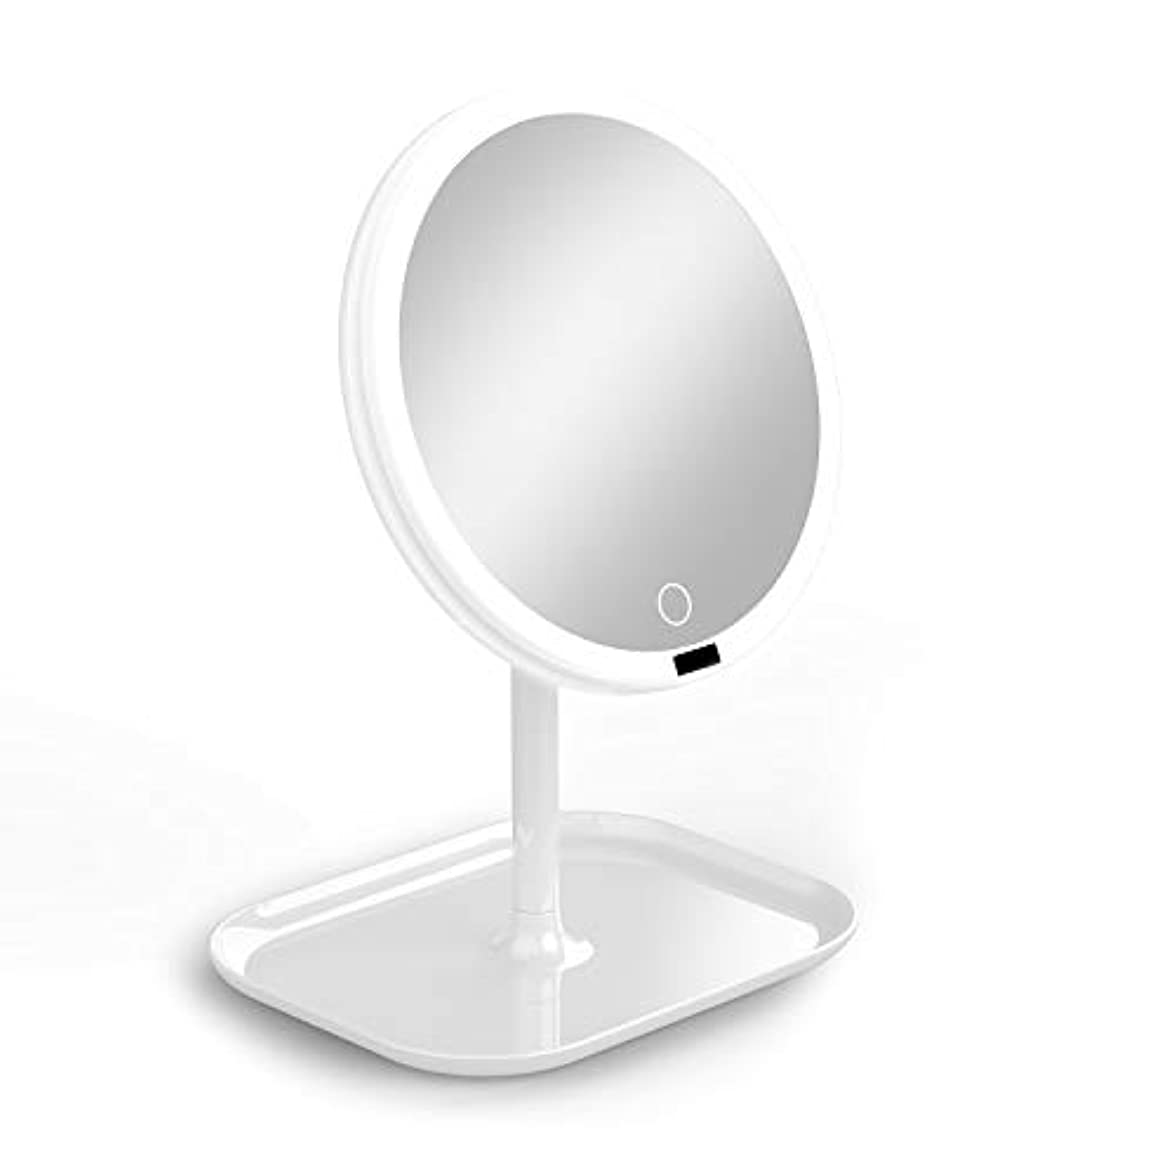 修羅場貫通袋La Farah 化粧鏡 化粧ミラー LEDライト付き 卓上鏡 女優ミラー 3段階明るさ調節可能 180度回転 コードレス 充電式 円型